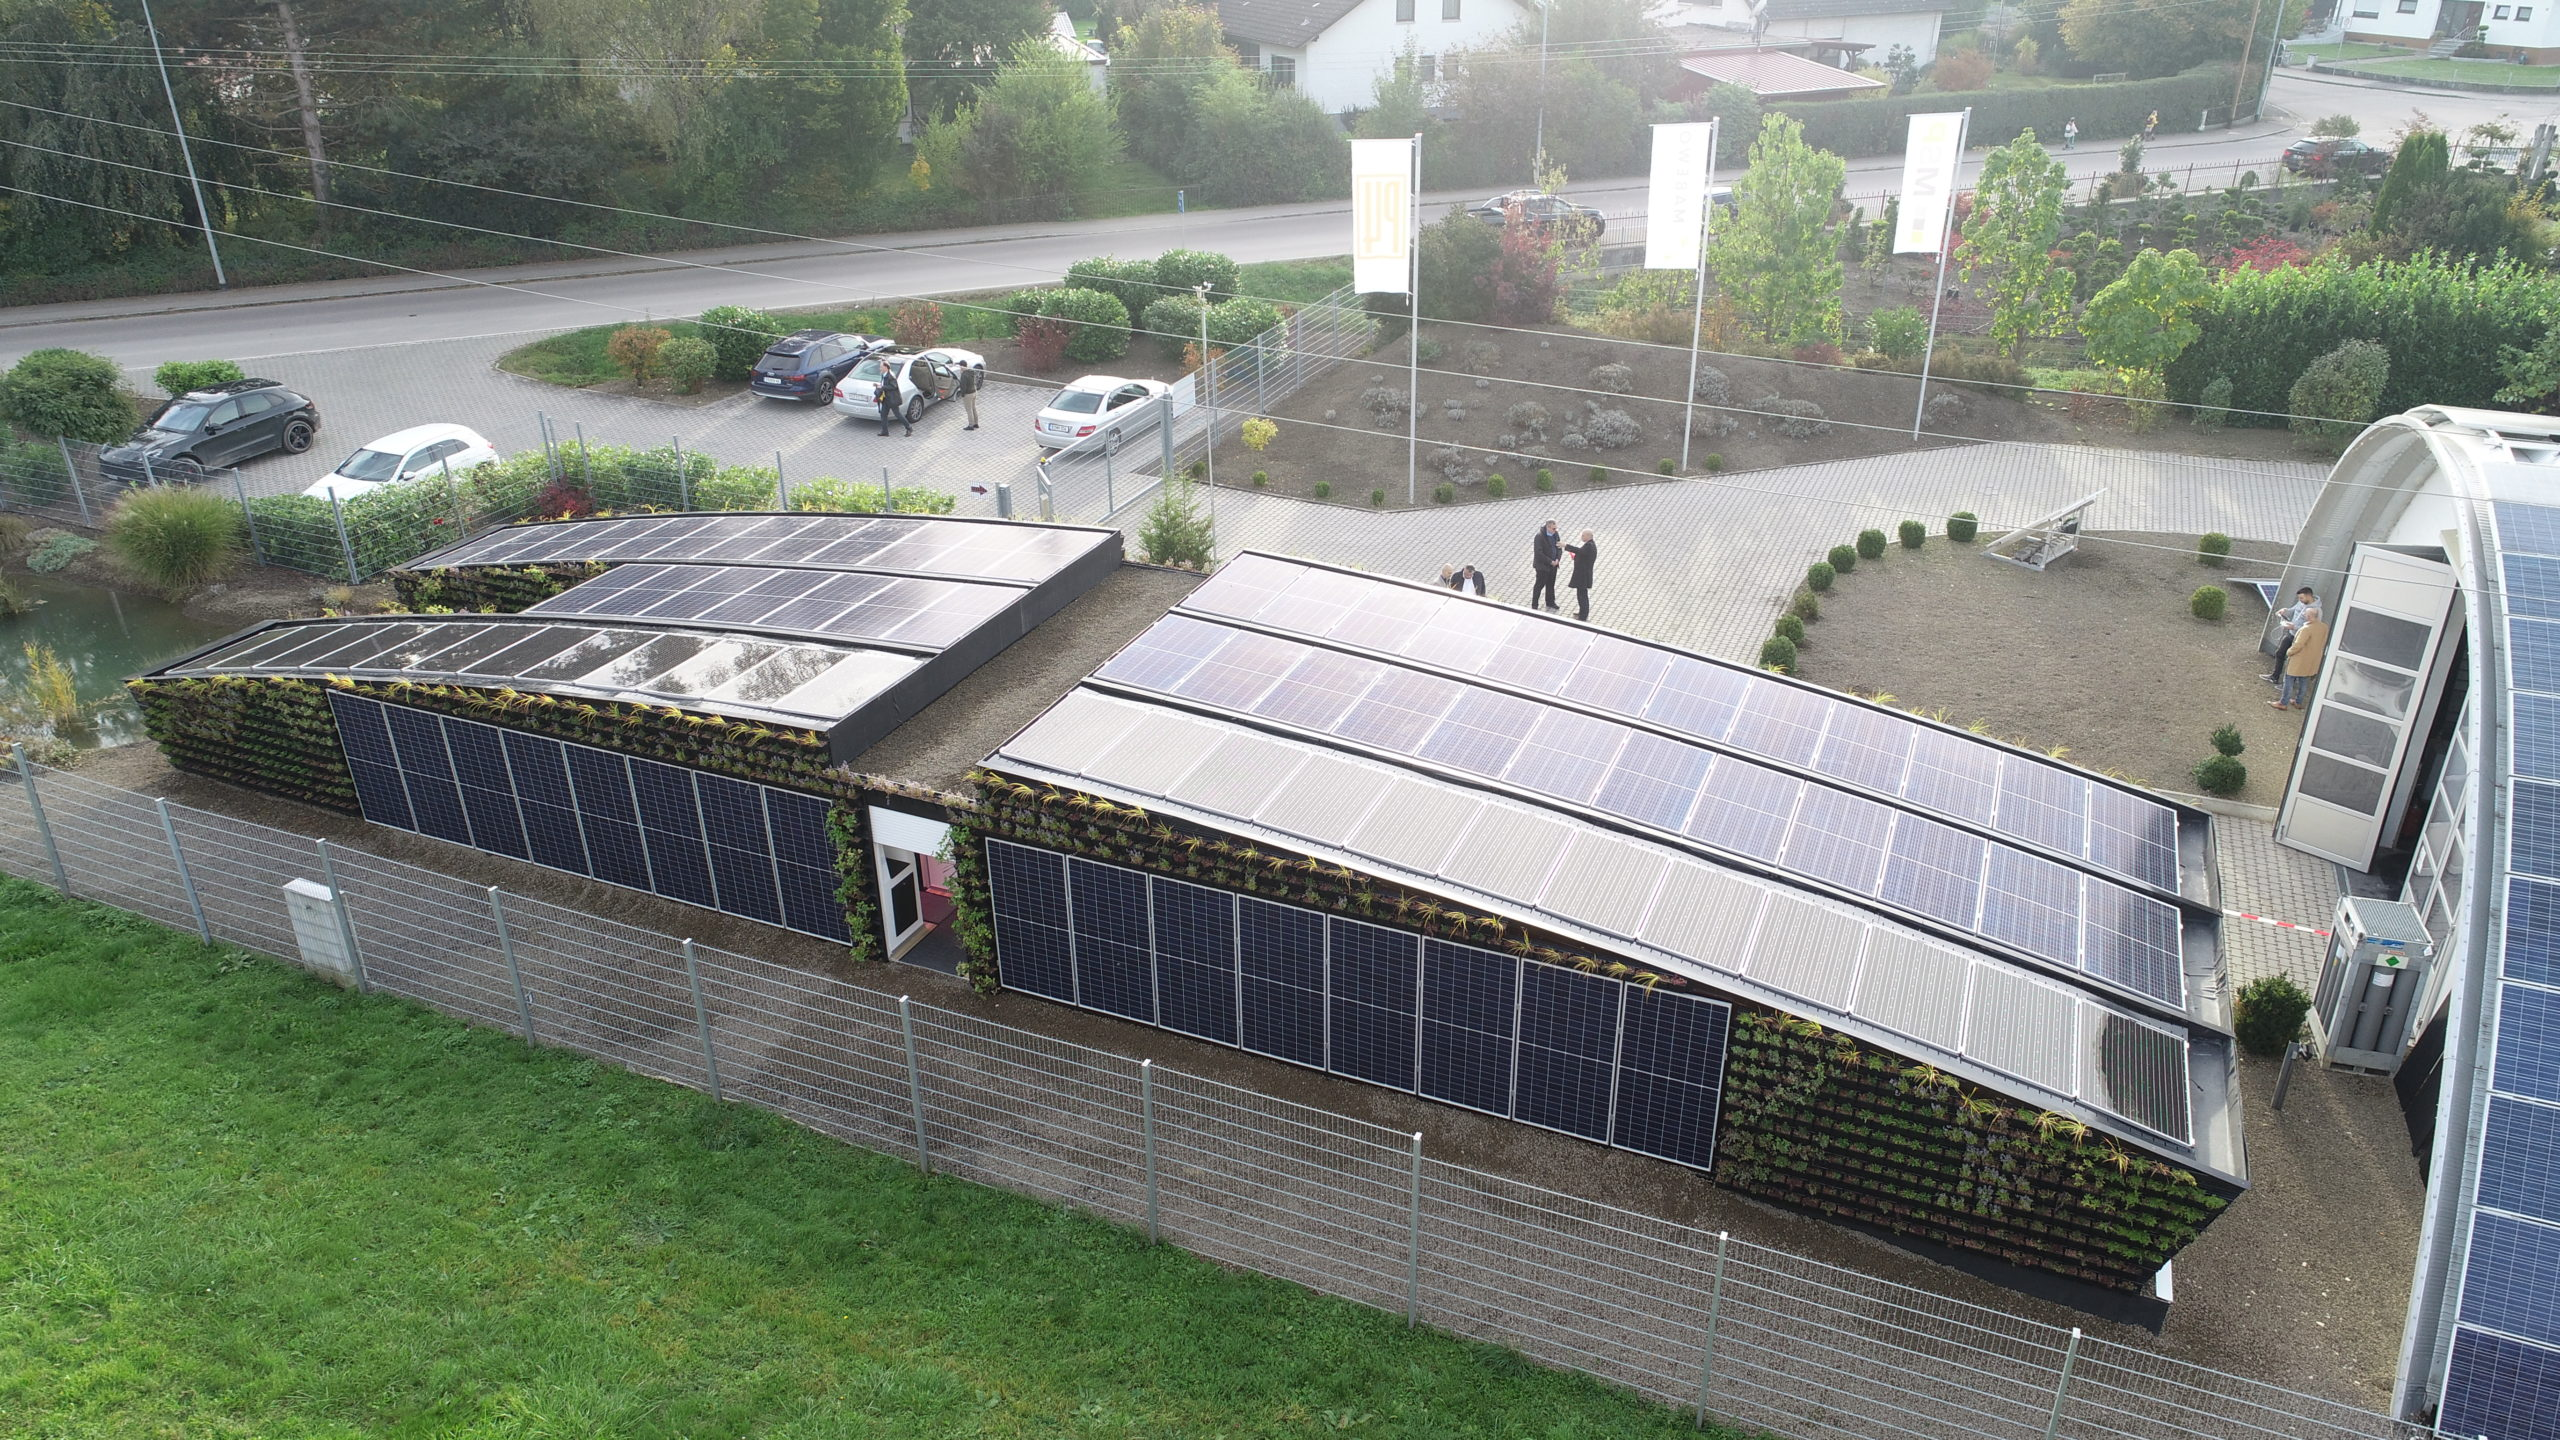 Energieträger der Zukunft - effektiv, sauber und stabil